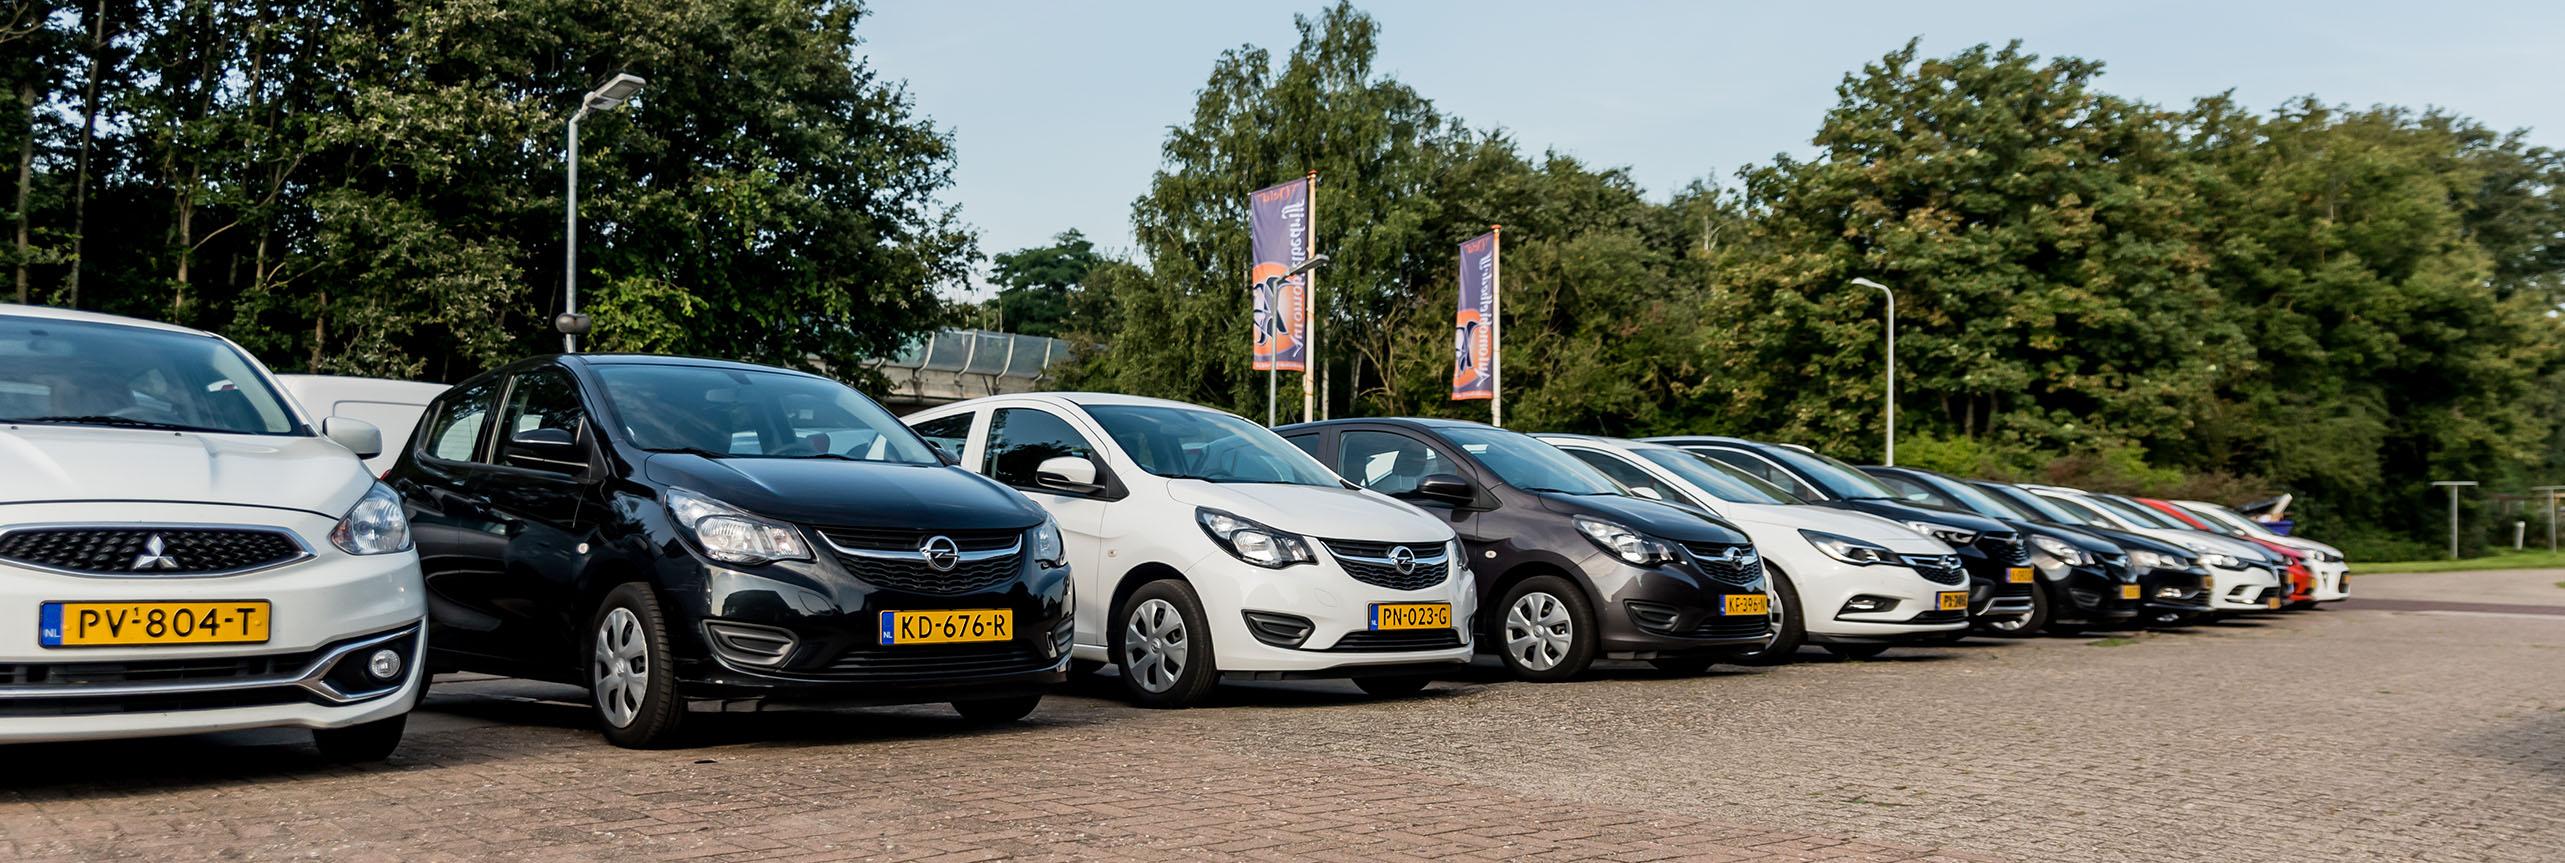 verkoop auto autobedrijf Veld Steenwijk Kallenkote